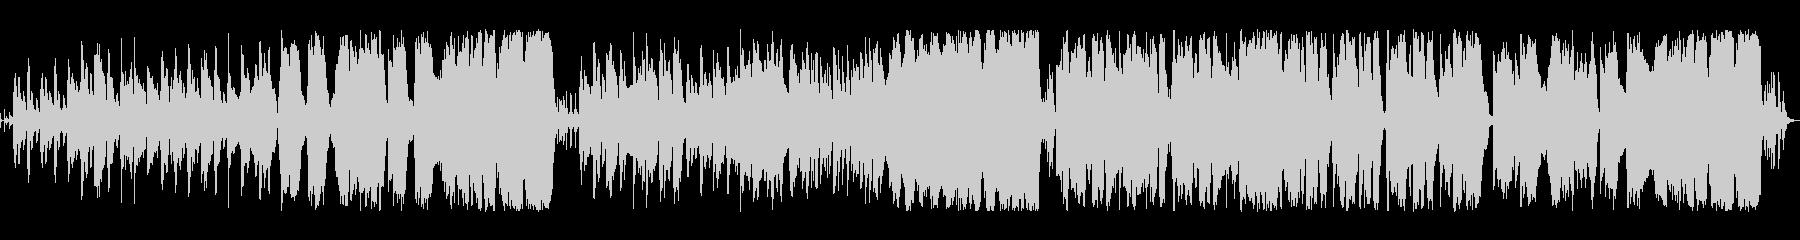 コミカルなワルツのオーケストラループの未再生の波形